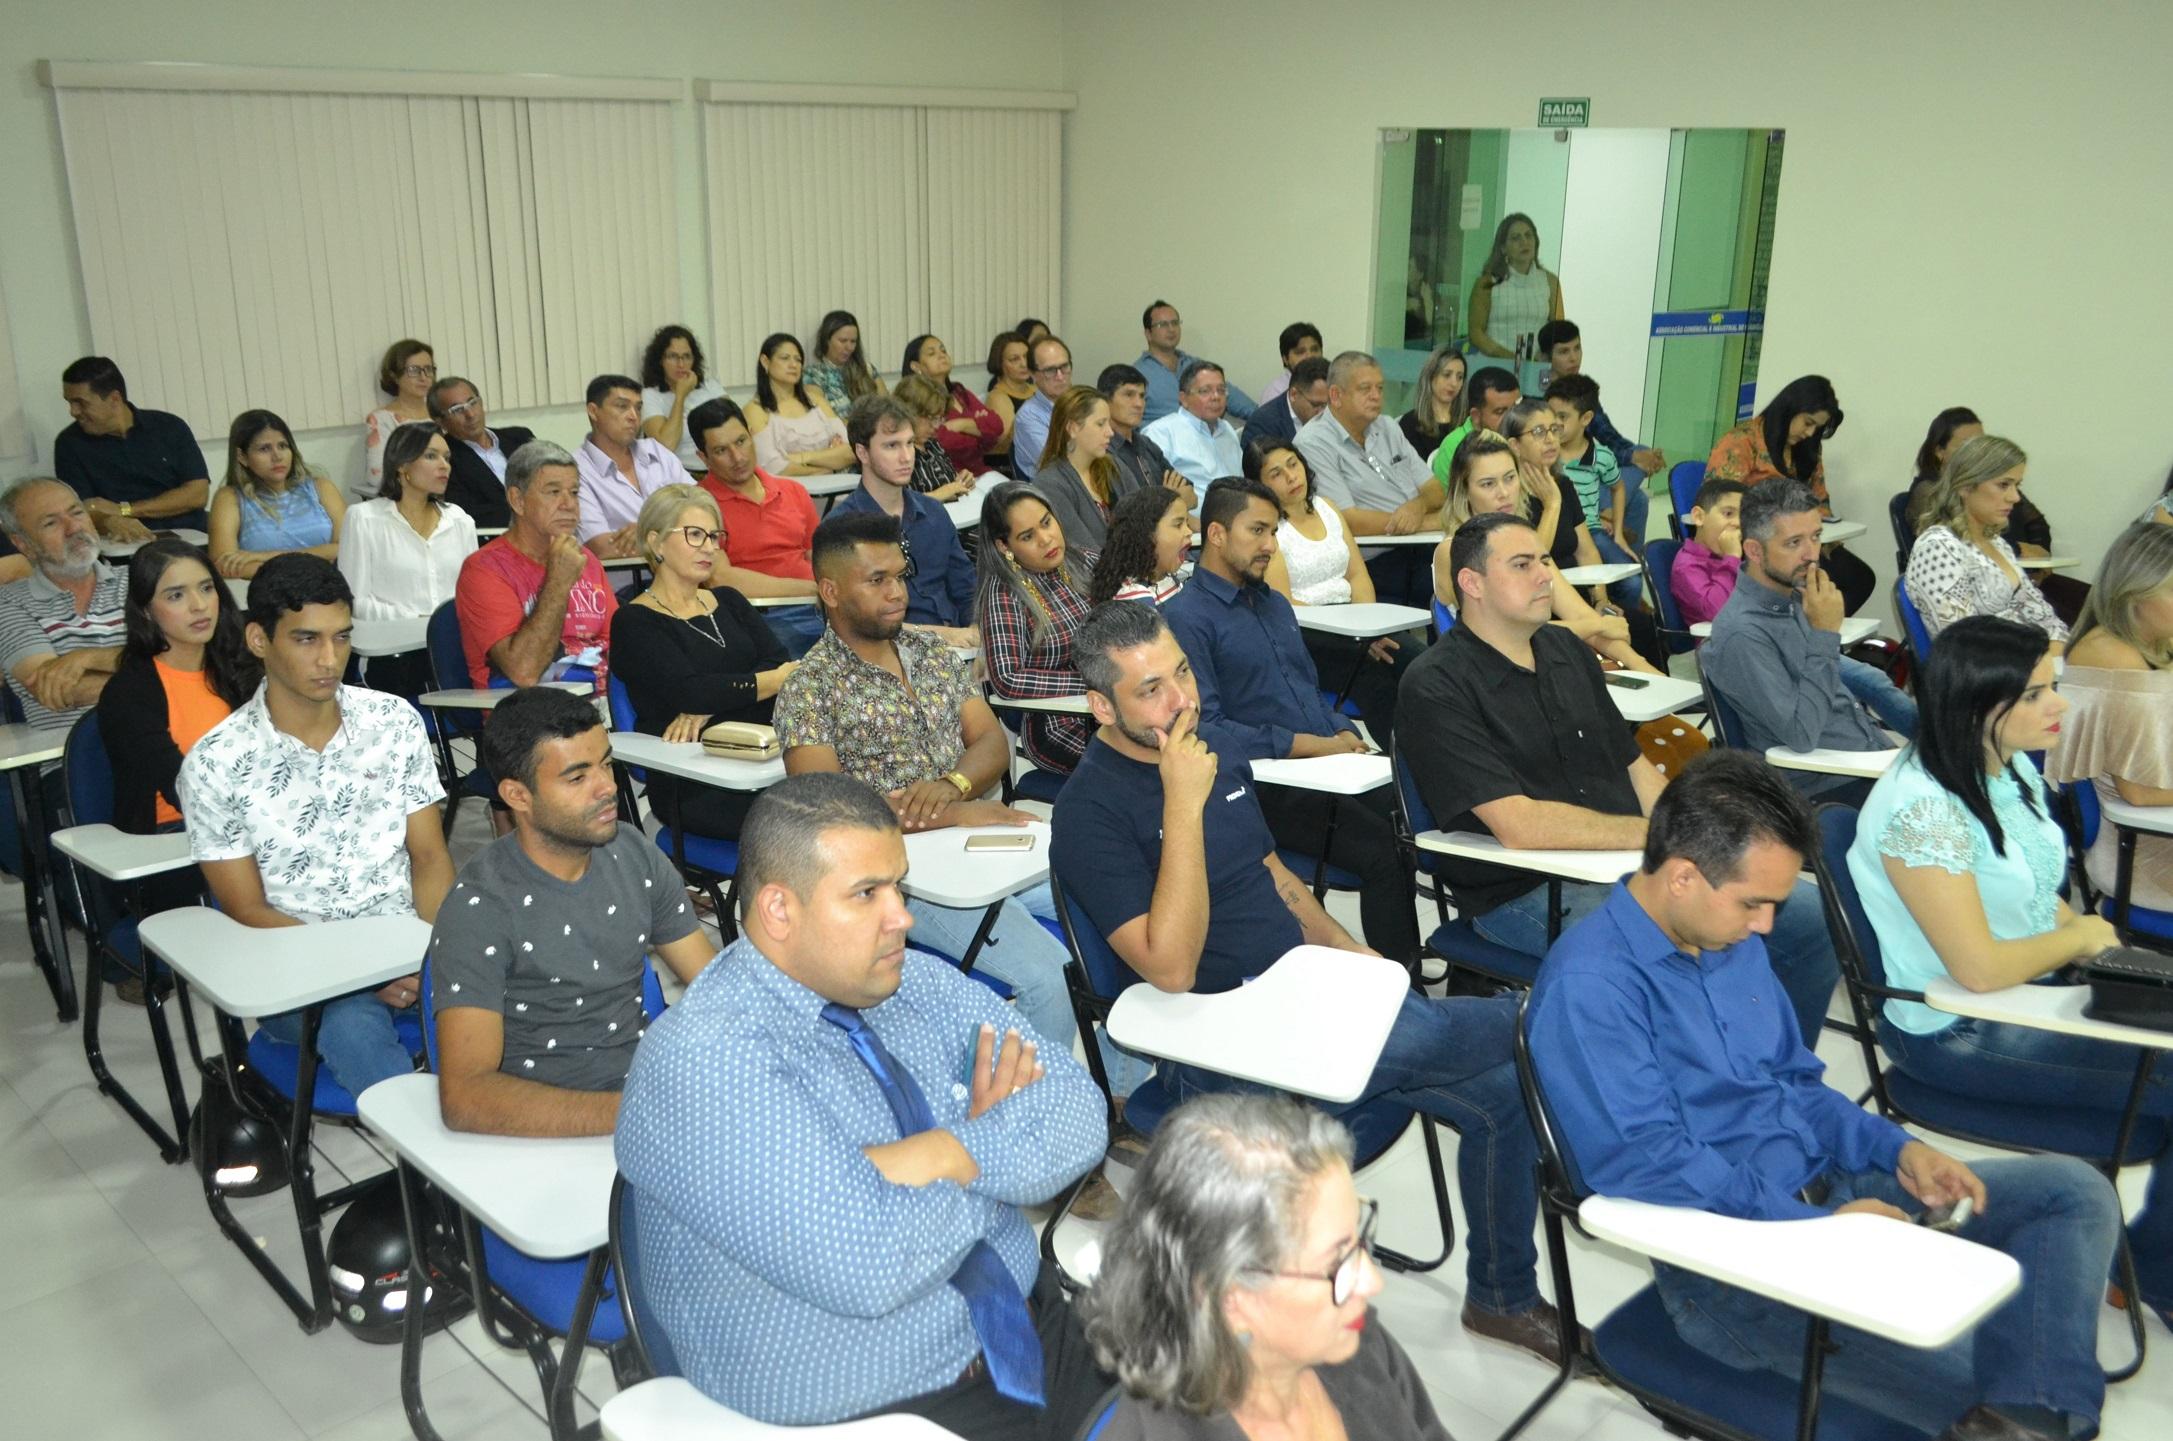 Público lotou o auditório da Acin na última quarta-feira, para prestigiar a posse da nova diretoria [Foto: Euclides Oliveira]